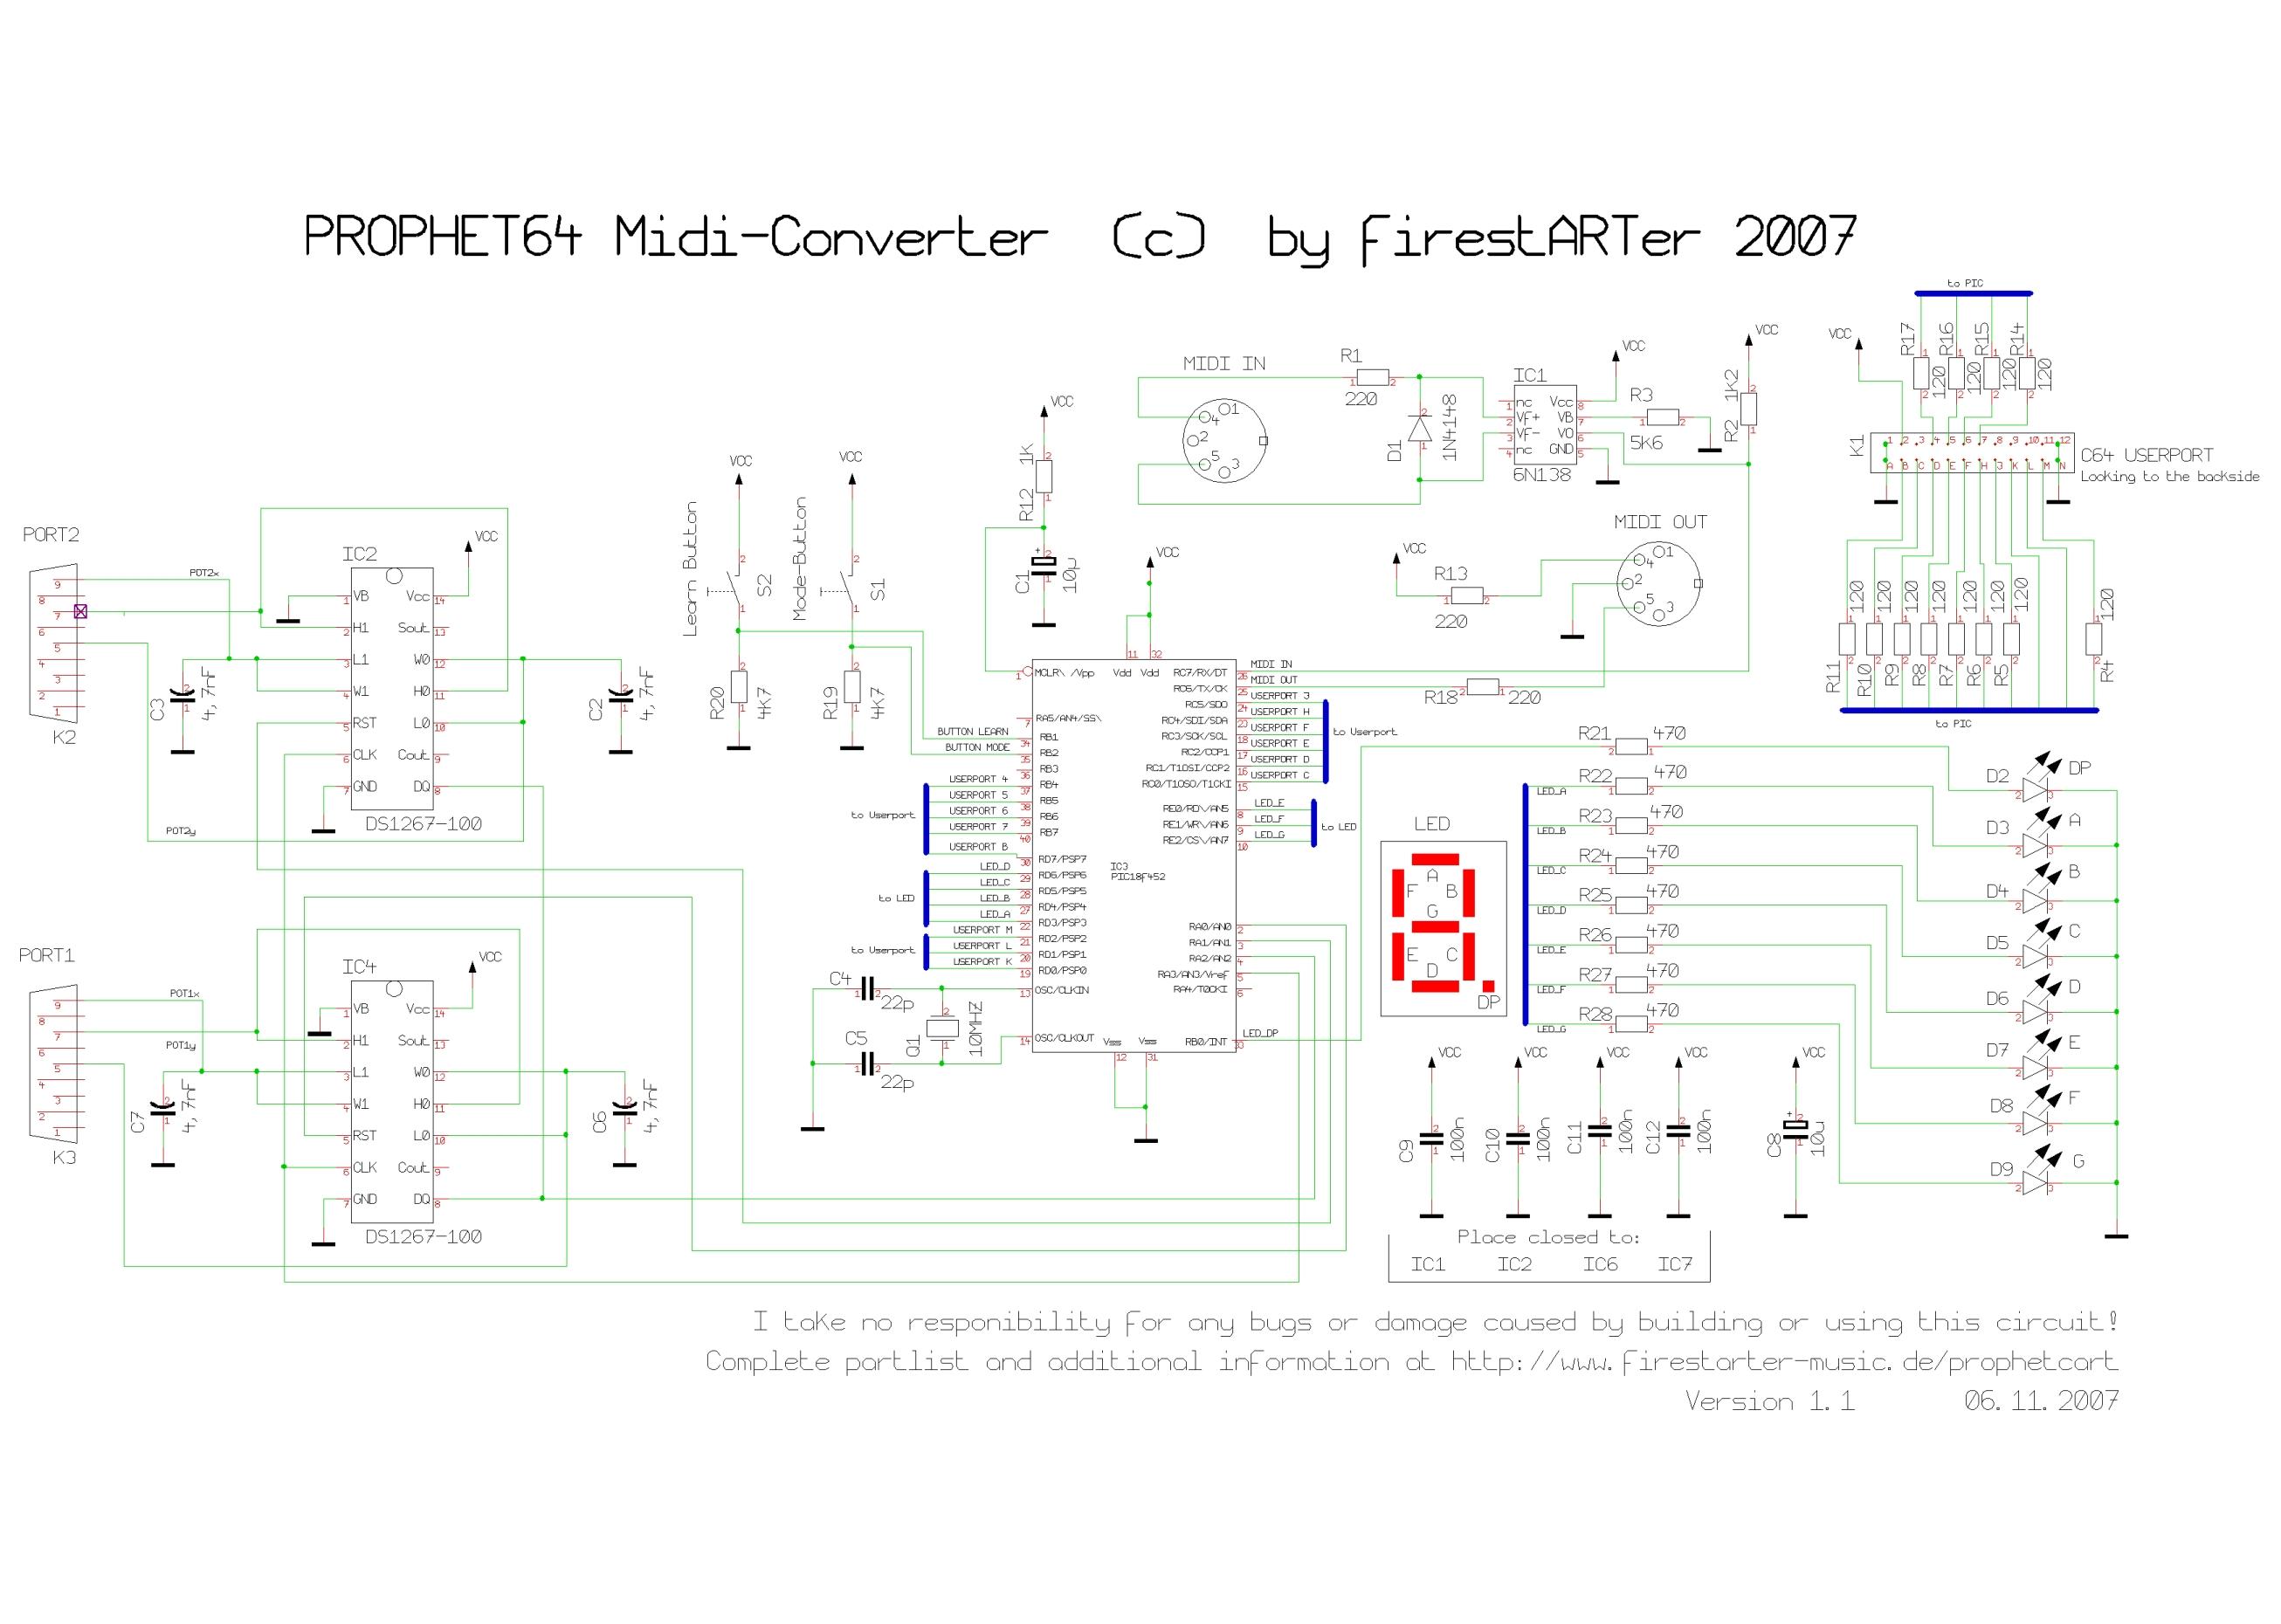 http://www.firestarter-music.de/prophetcart/p64_fullmidi_V1_1.jpg